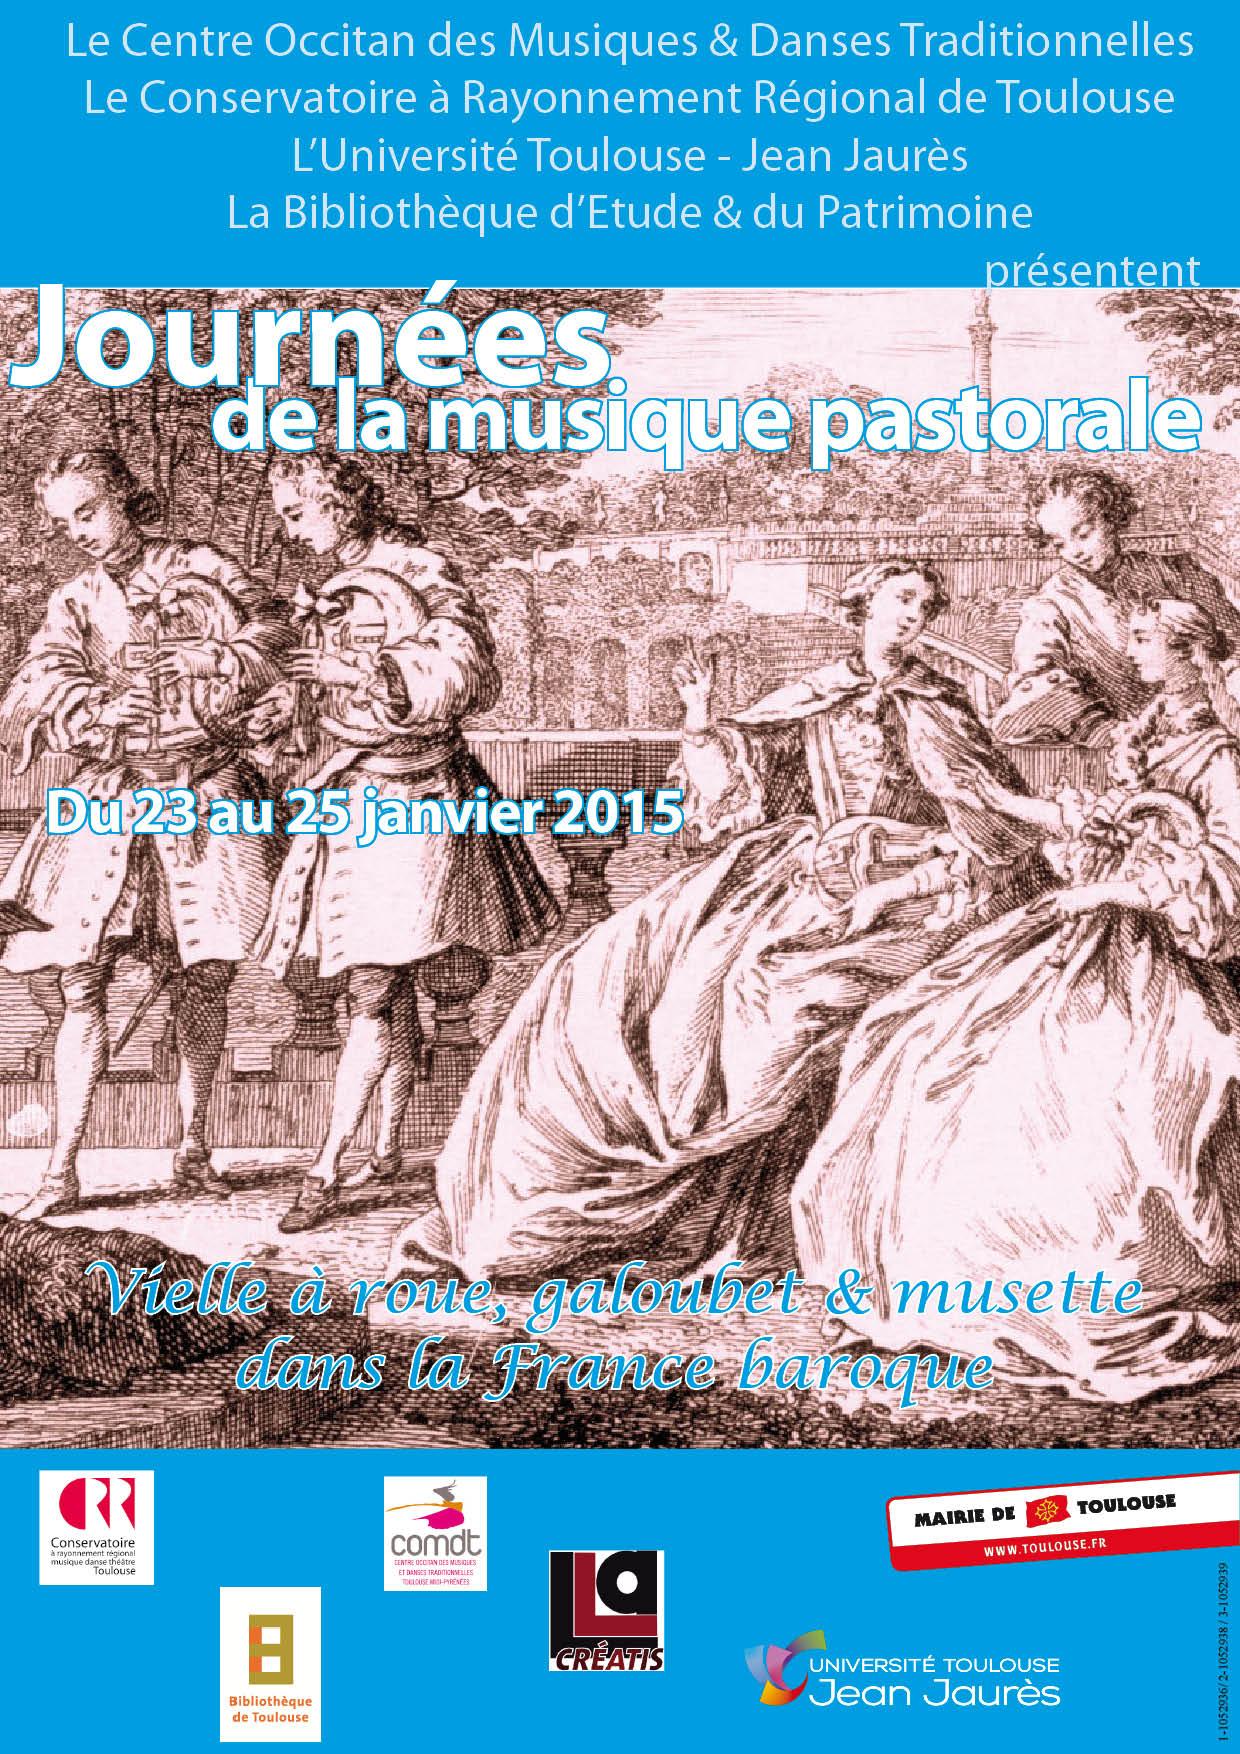 01-2014 affiche Musiques pastorales.jpg